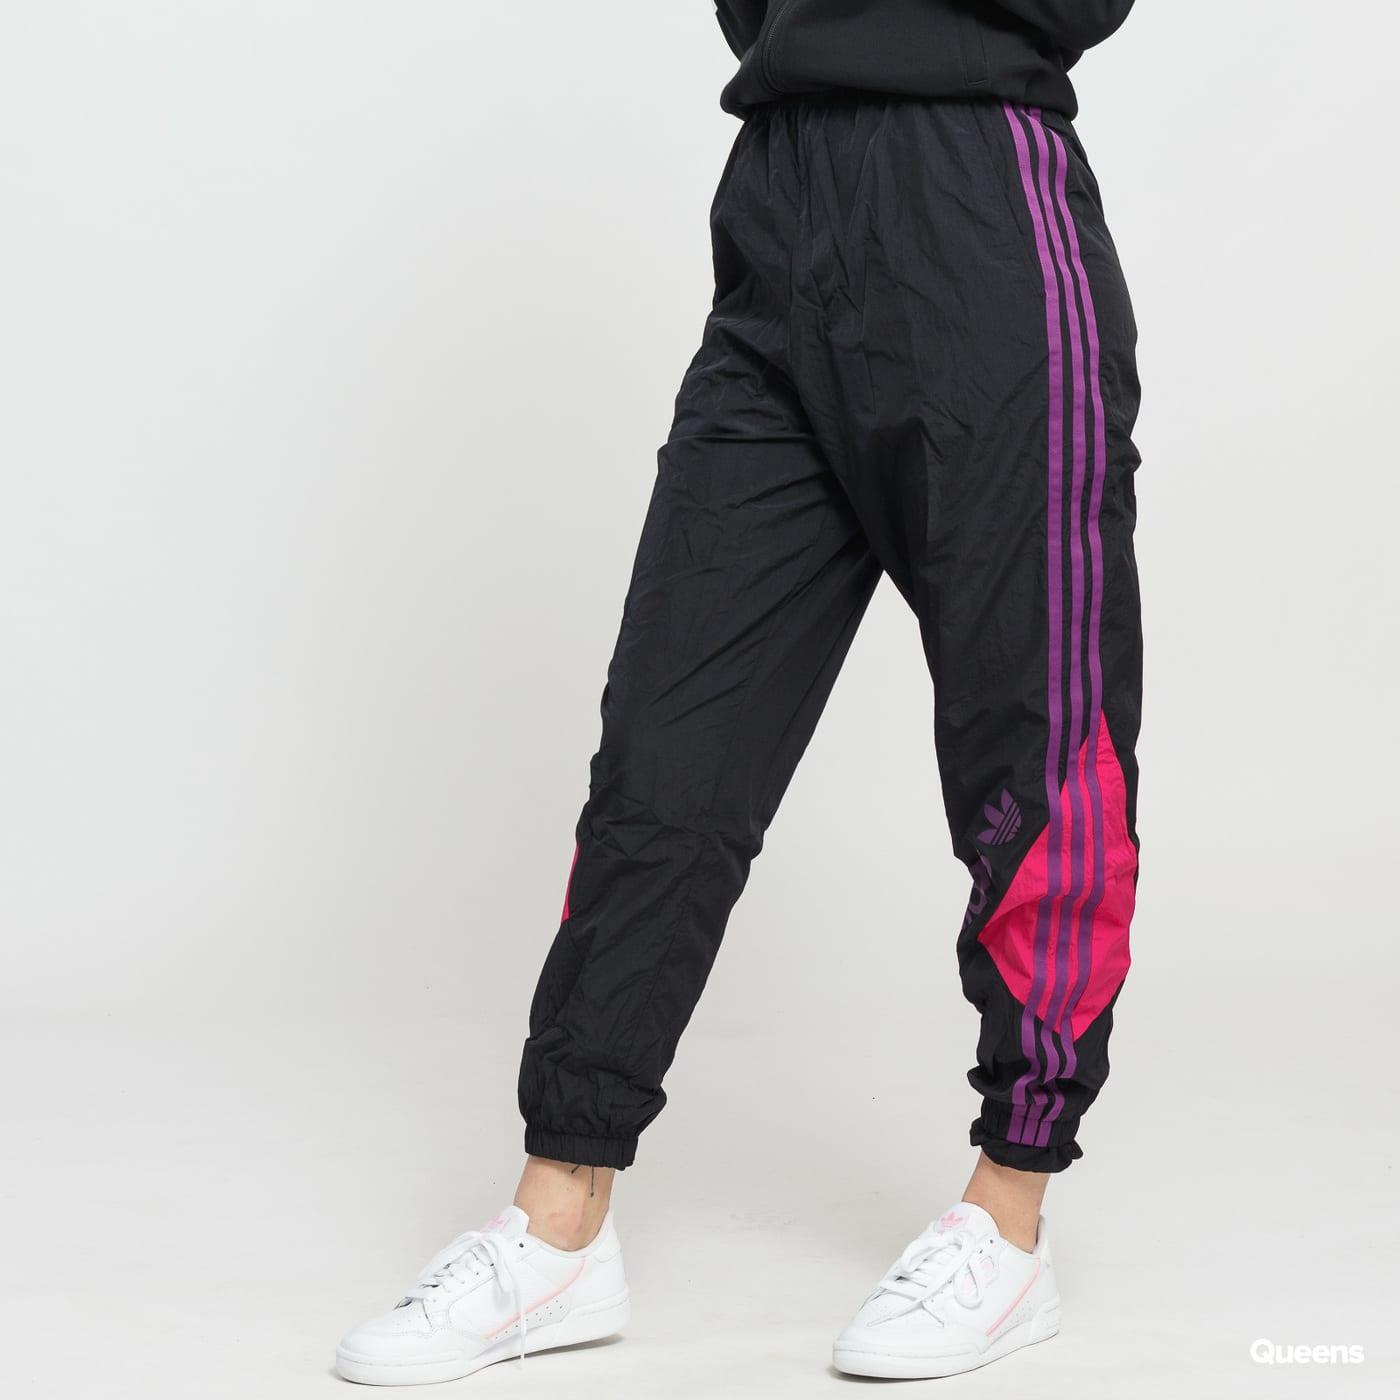 Tepláky adidas Originals TP LG (EC2176) – Queens 💚 2a721ad53be